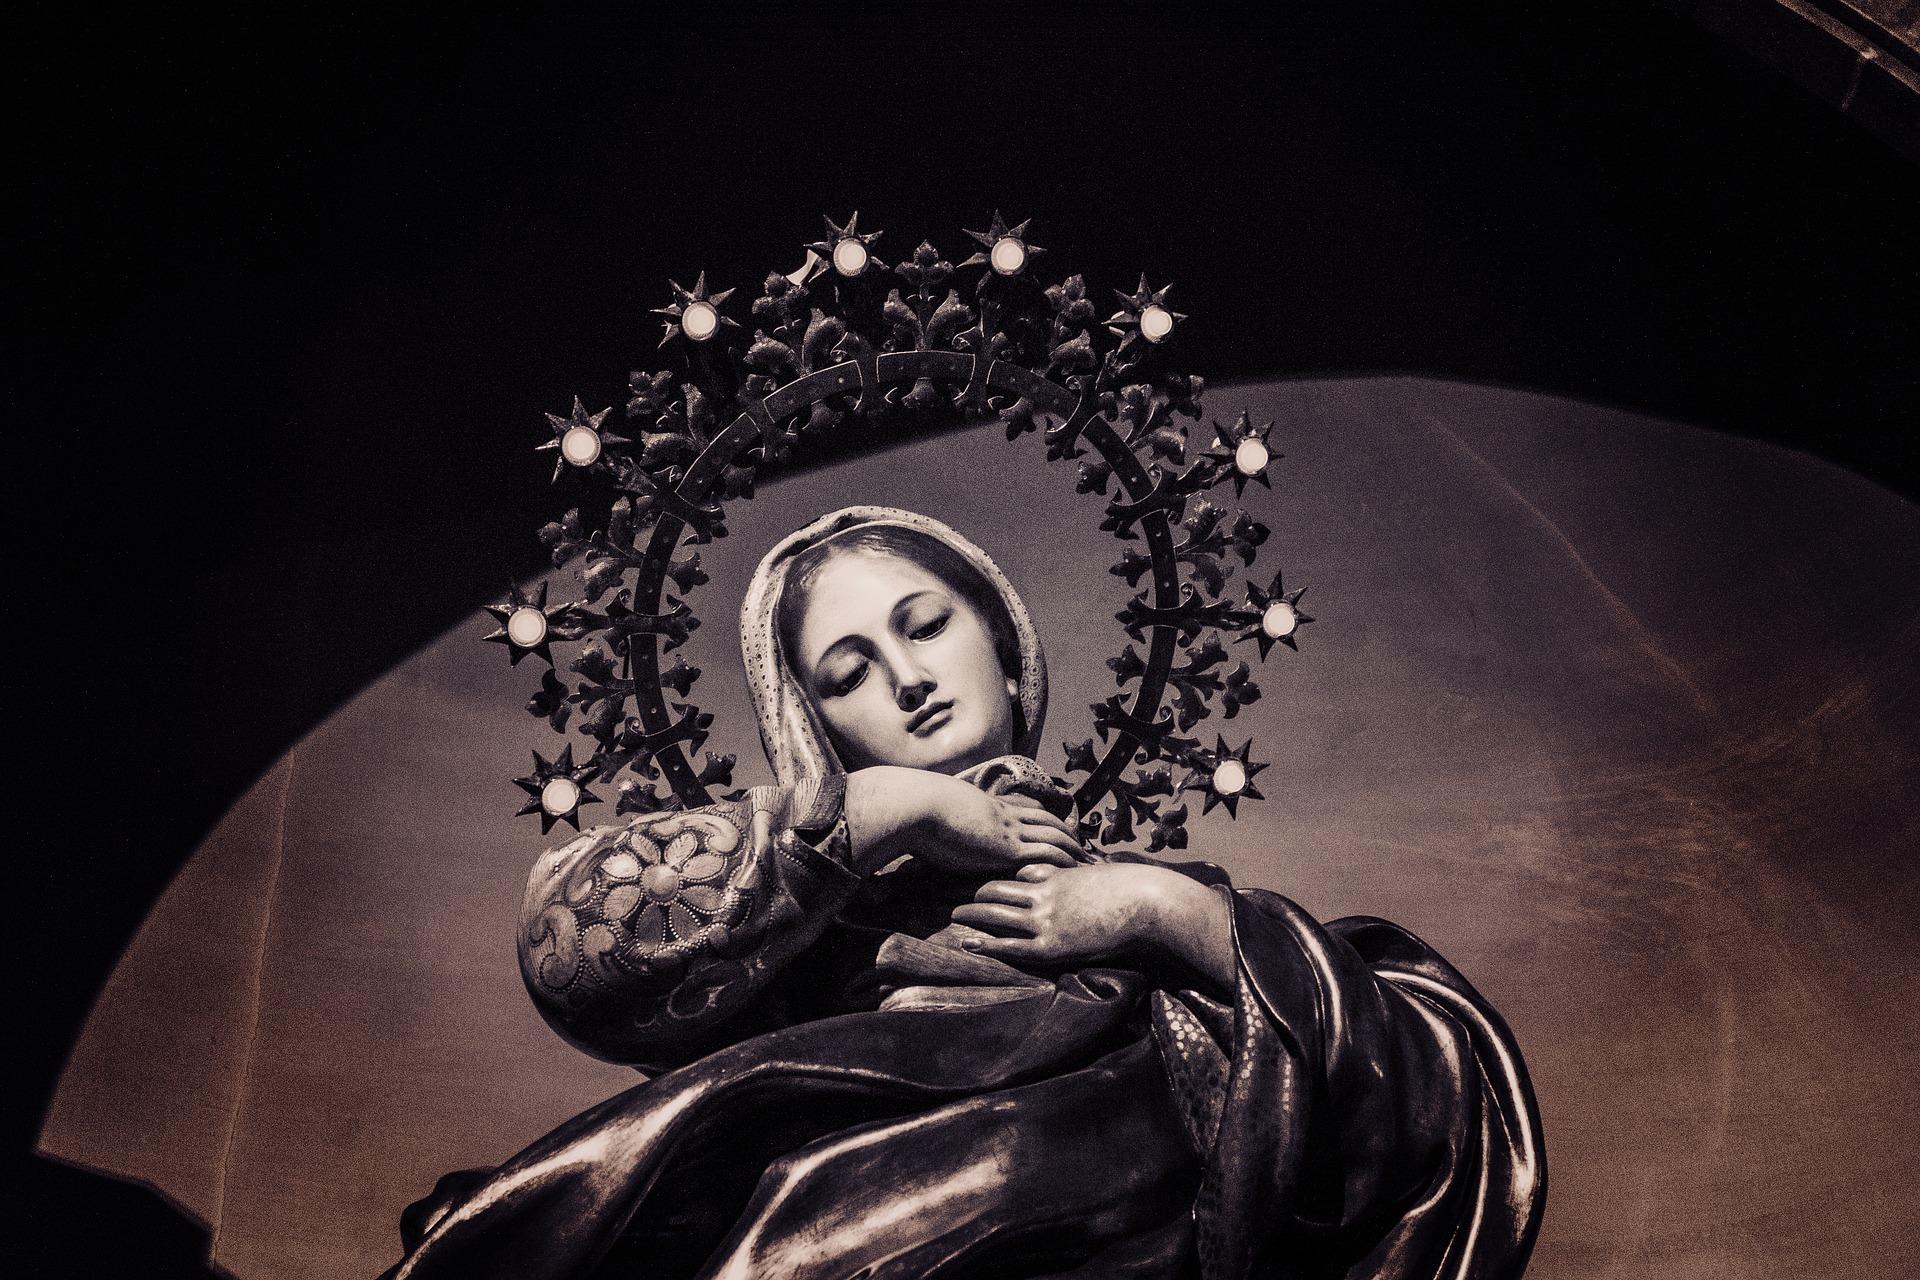 Queen-of-Heaven-crowned-in stars